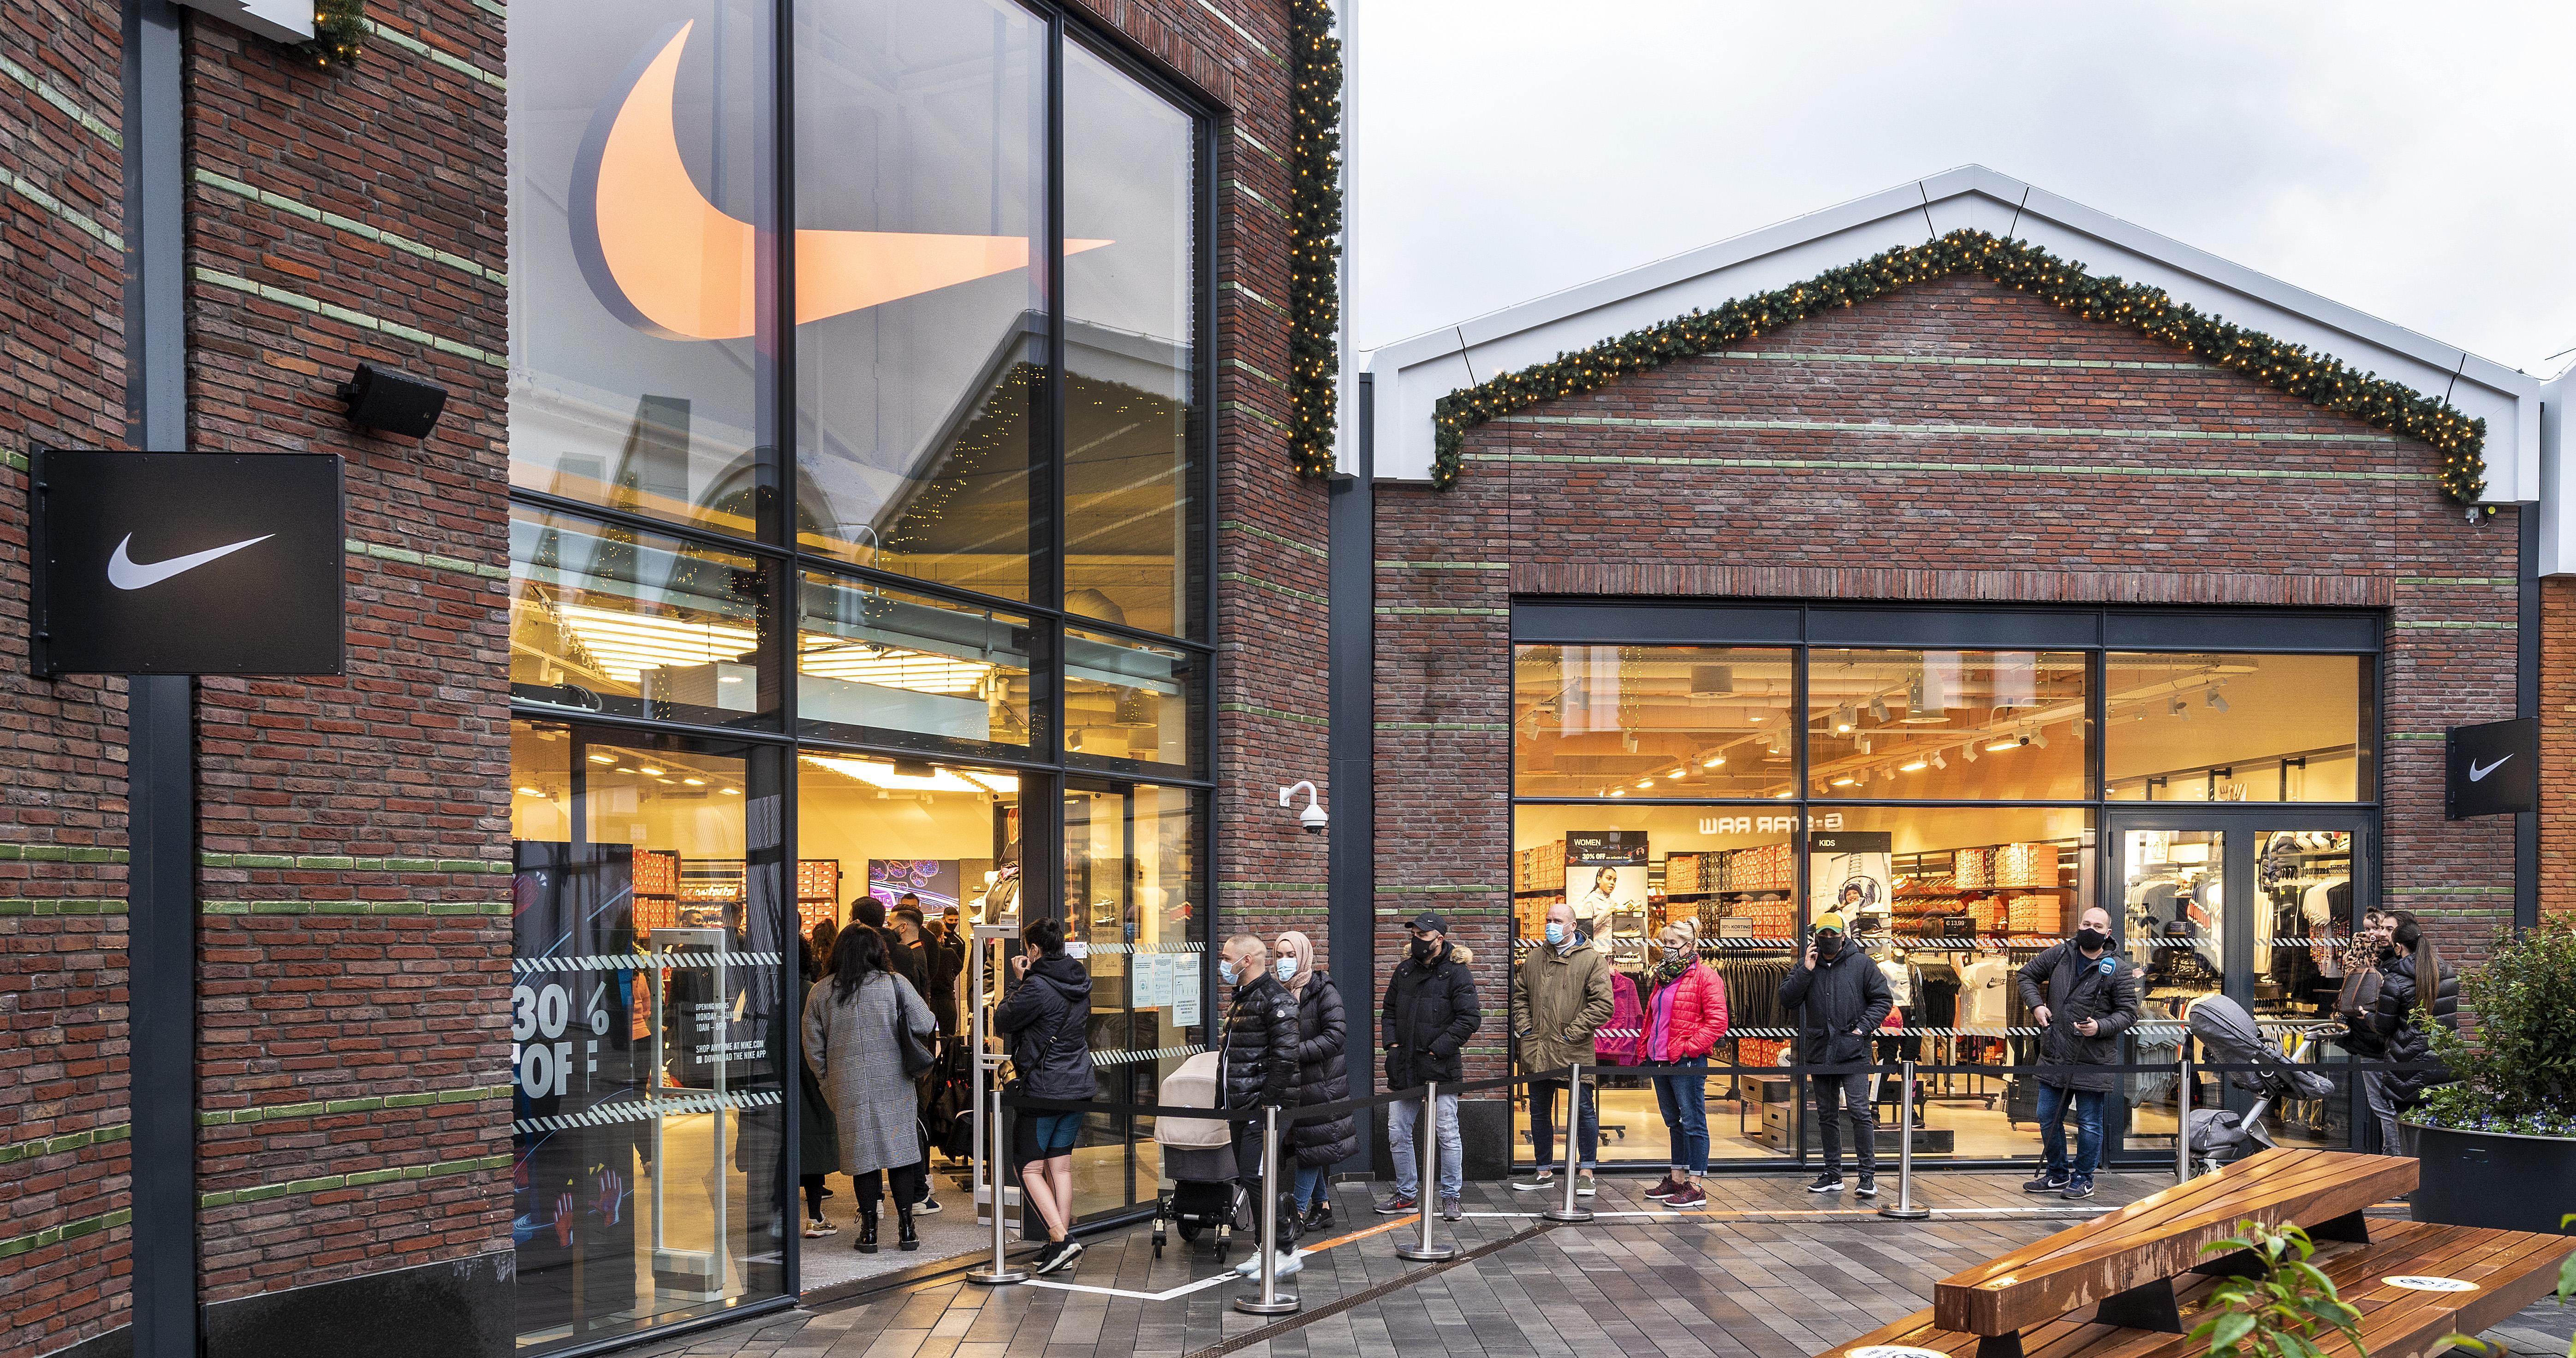 Nieuwe outlet in Halfweg sluit tijdelijk de deuren: 'Er zijn nu tweeduizend mensen, meer bezoekers binnenlaten is niet veilig'